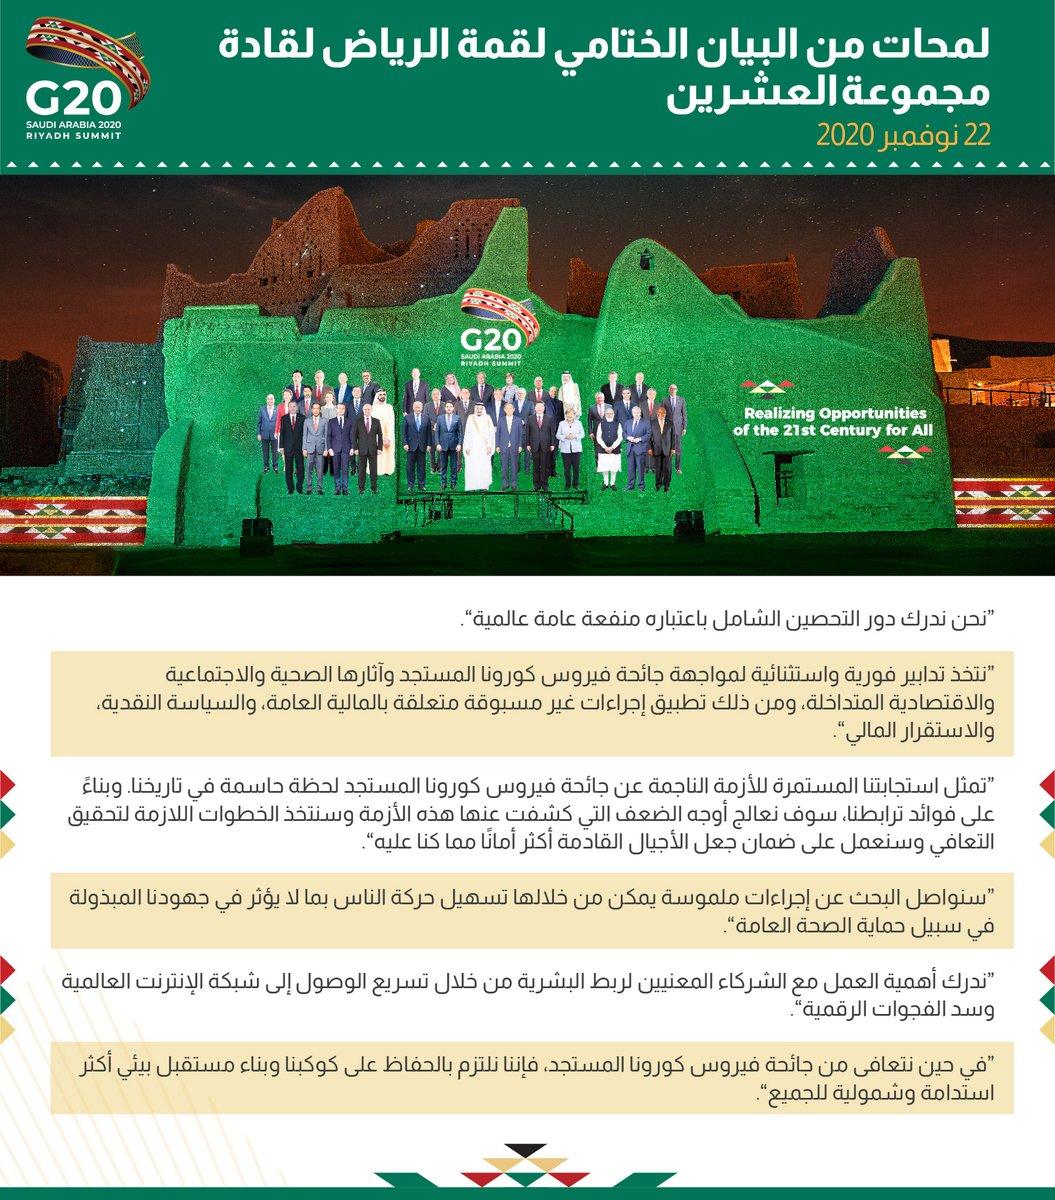 لمحات من البيان الختامي لقمة الرياض لقادة #مجموعة_العشرين. https://t.co/kzytR2zfkR